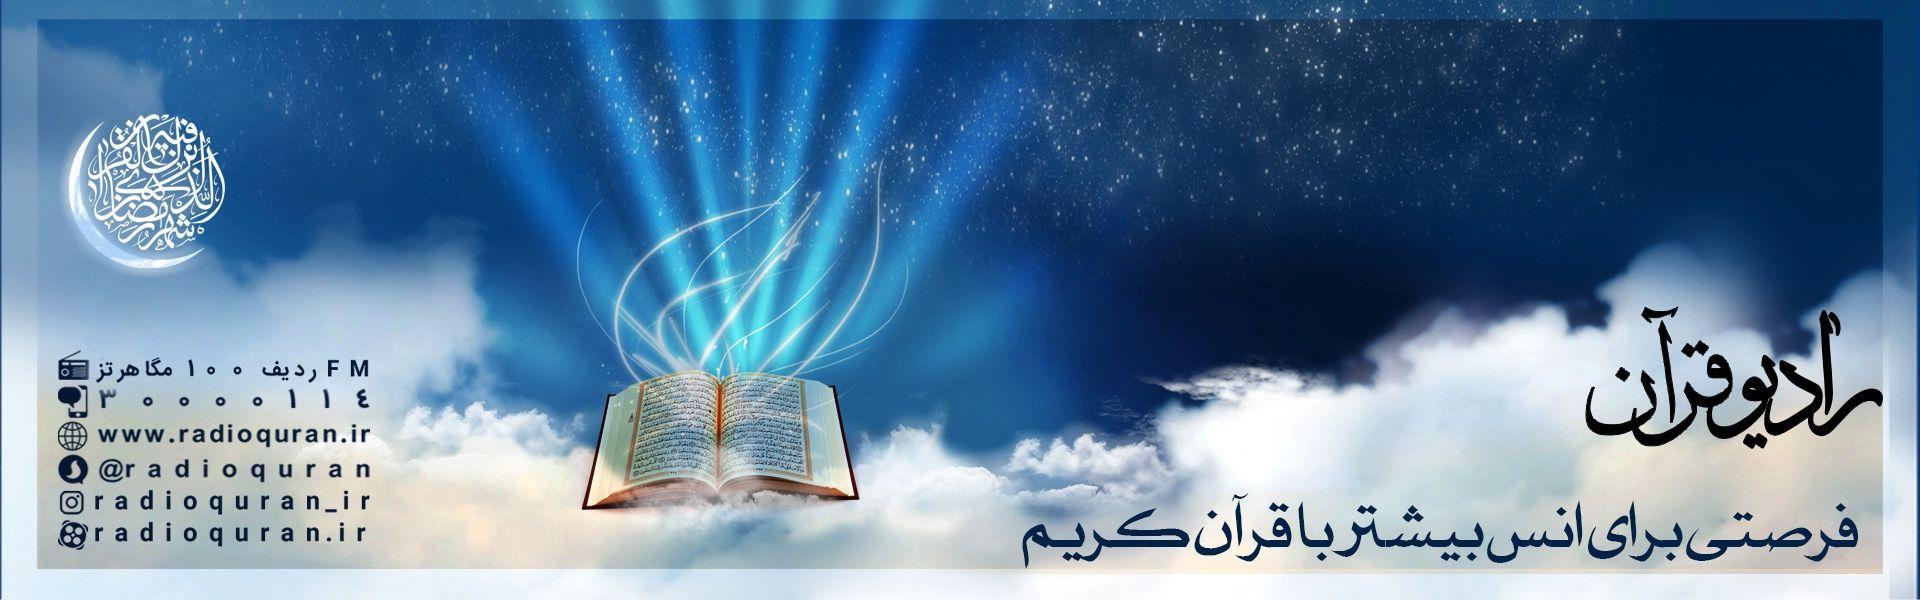 فرصتی برای انس با قرآن